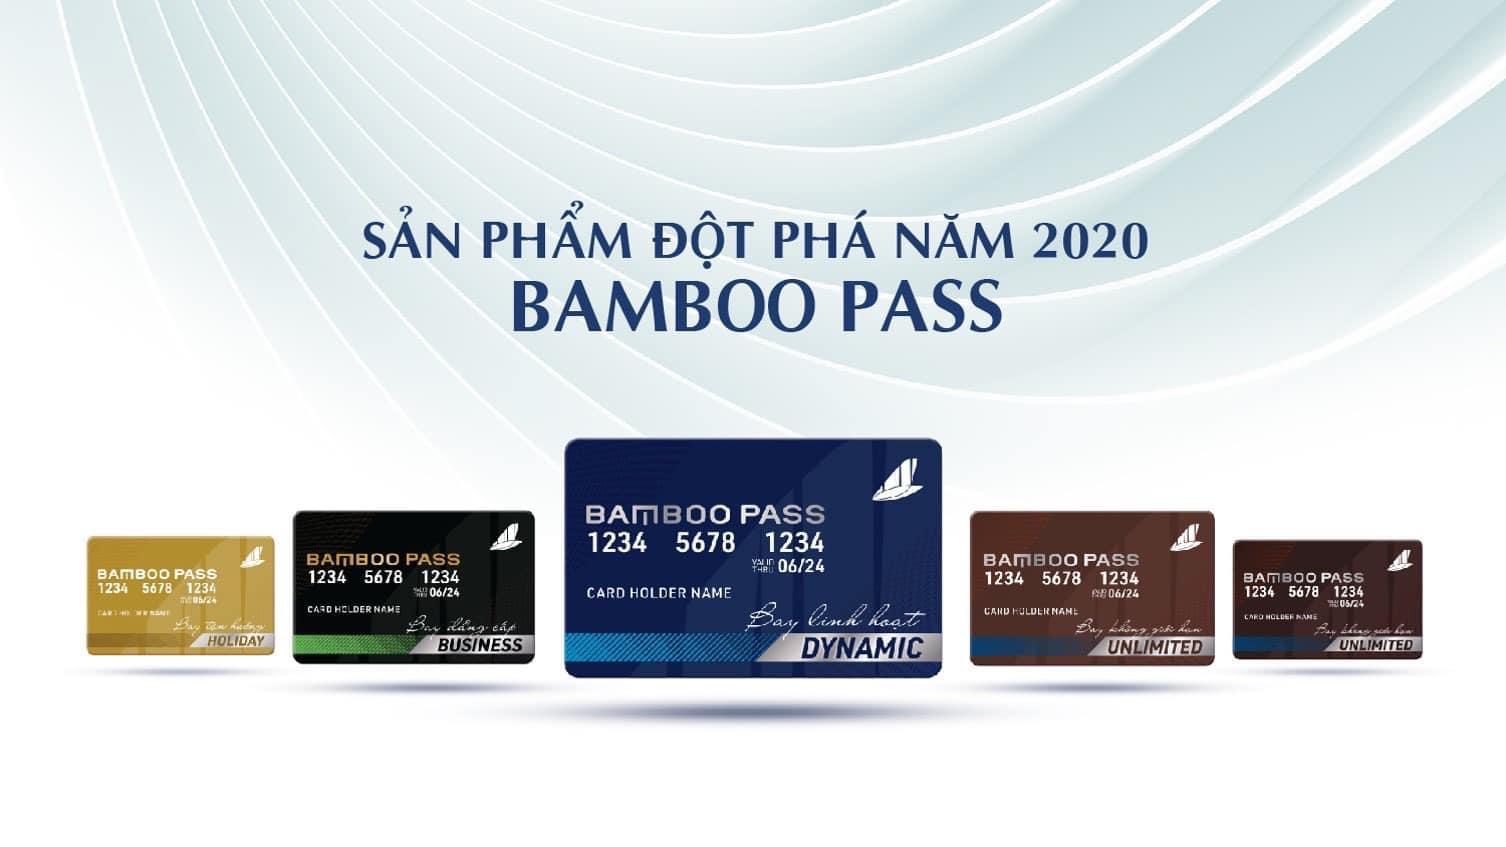 4 lợi điểm chưa từng có của dòng thẻ bay đa nhiệm Bamboo Pass  - Ảnh 1